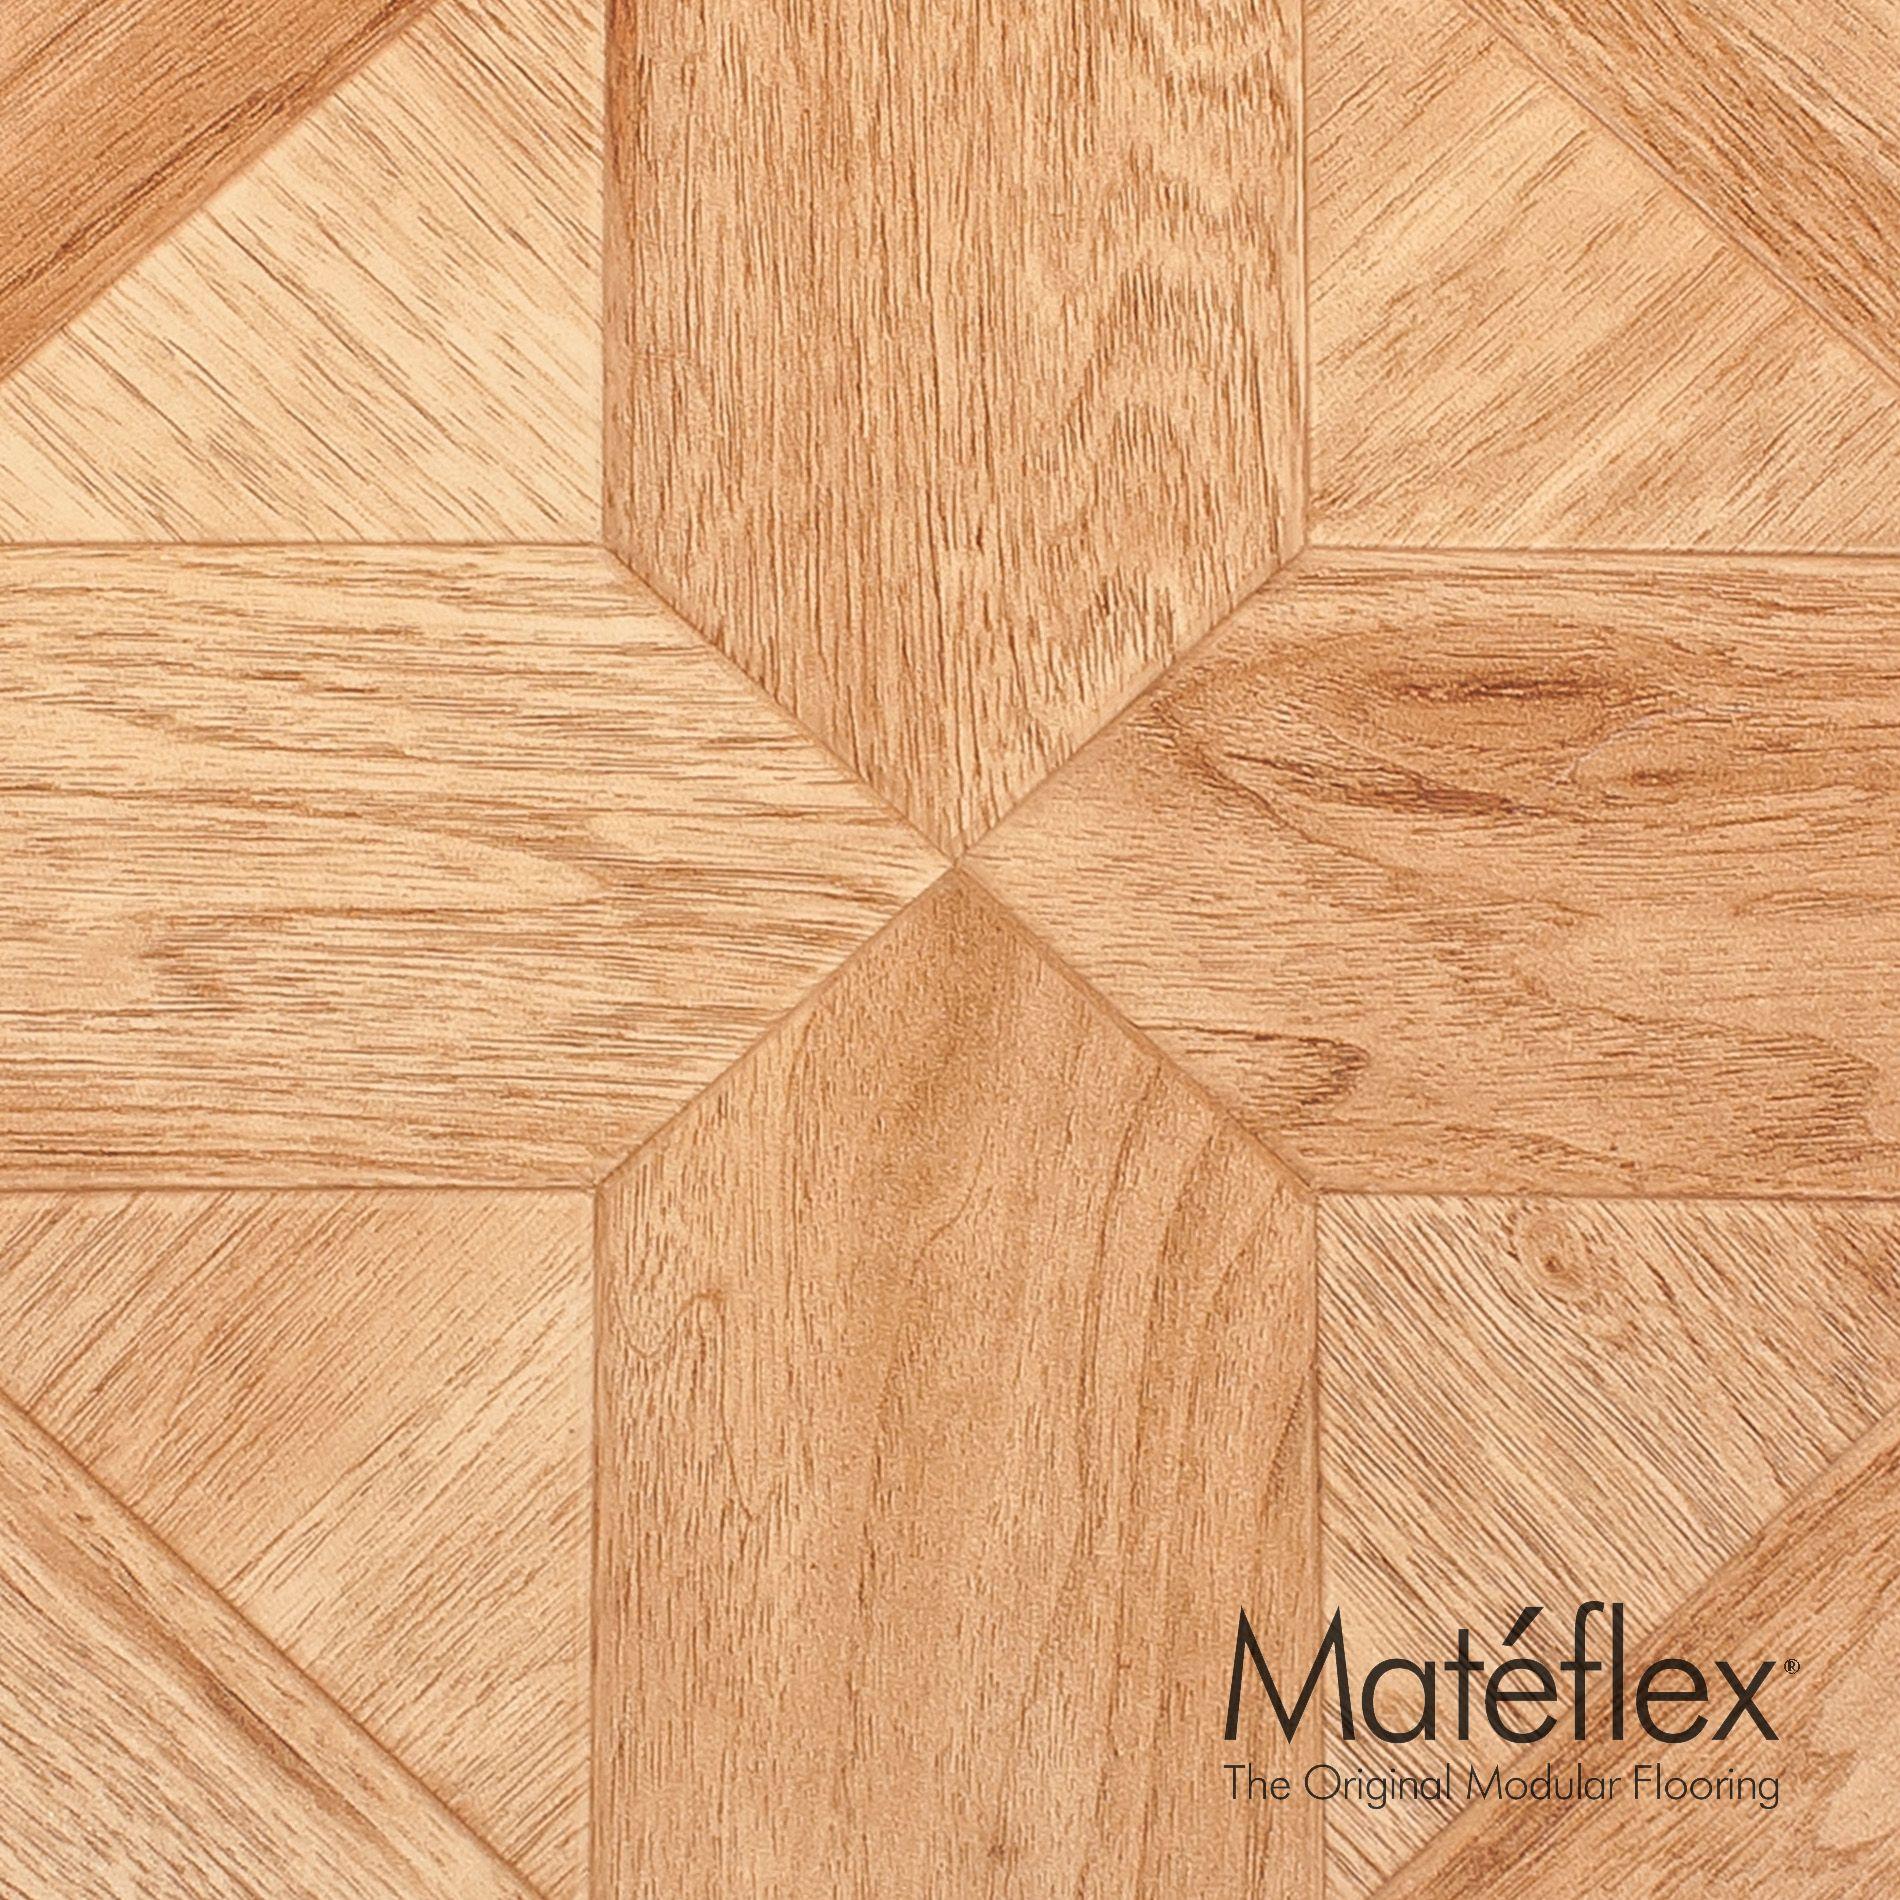 Mate Flex Mateflex On Pinterest - Mate flex flooring